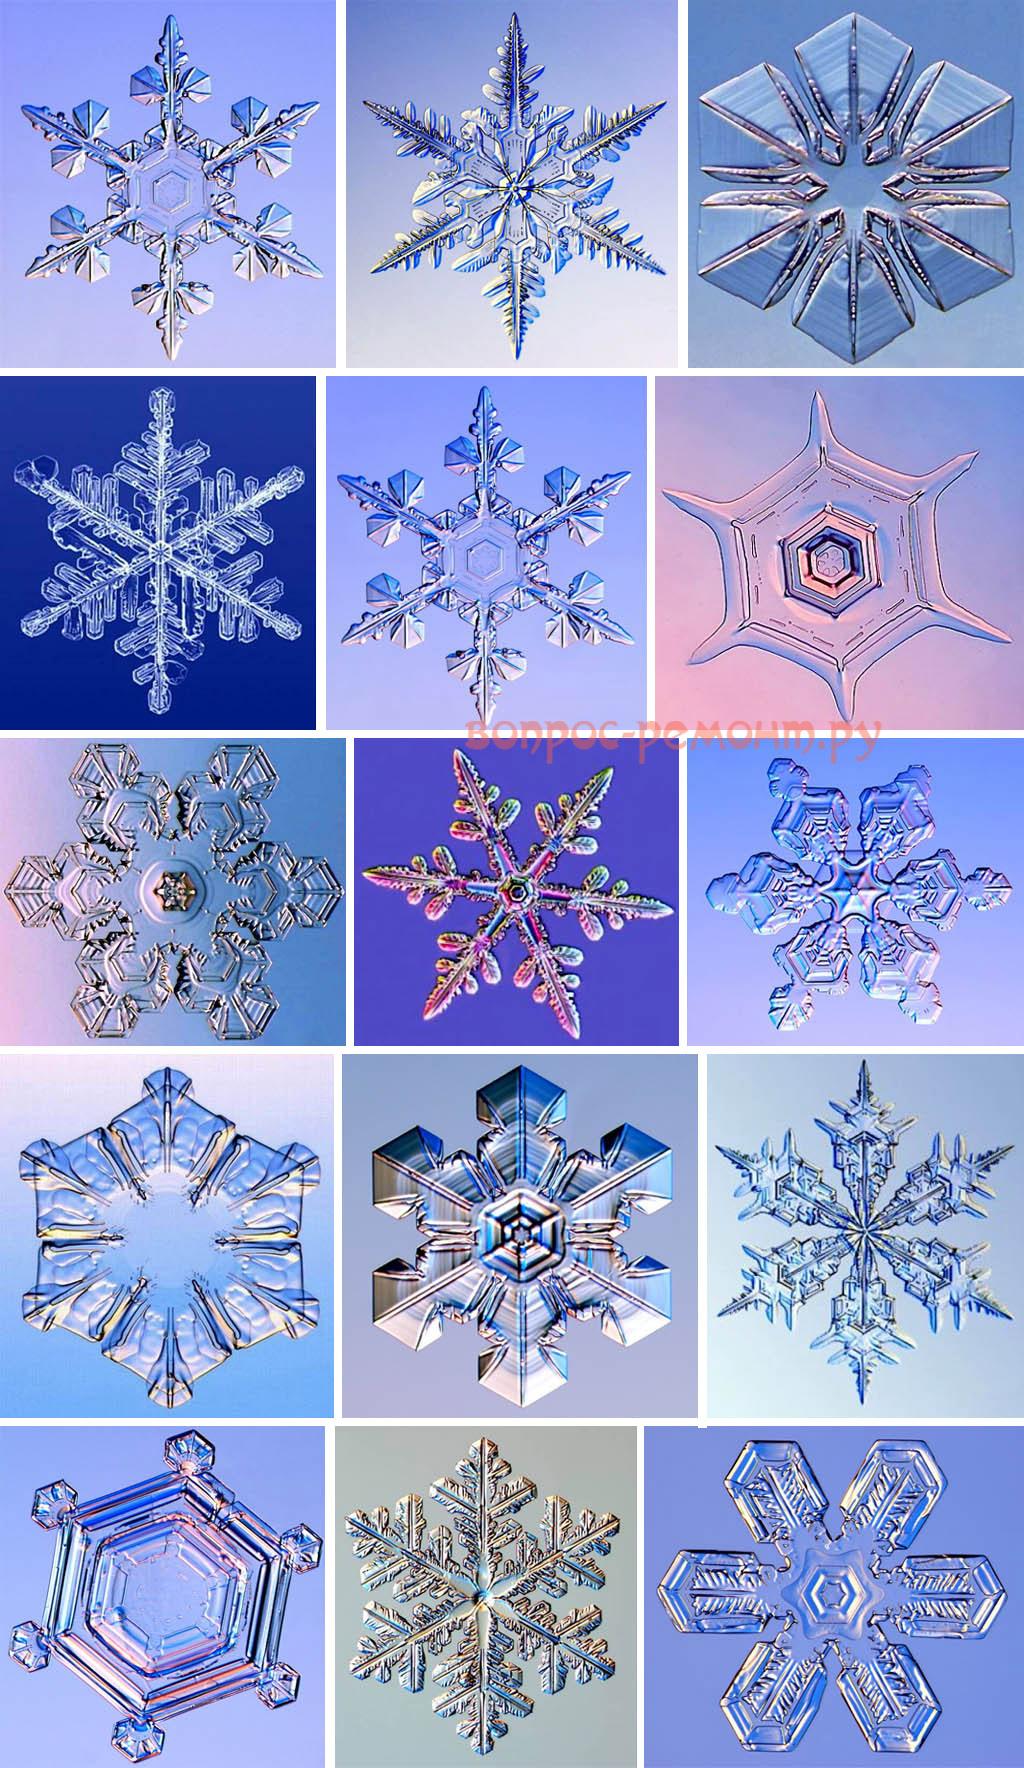 Микрофотографии снежинок